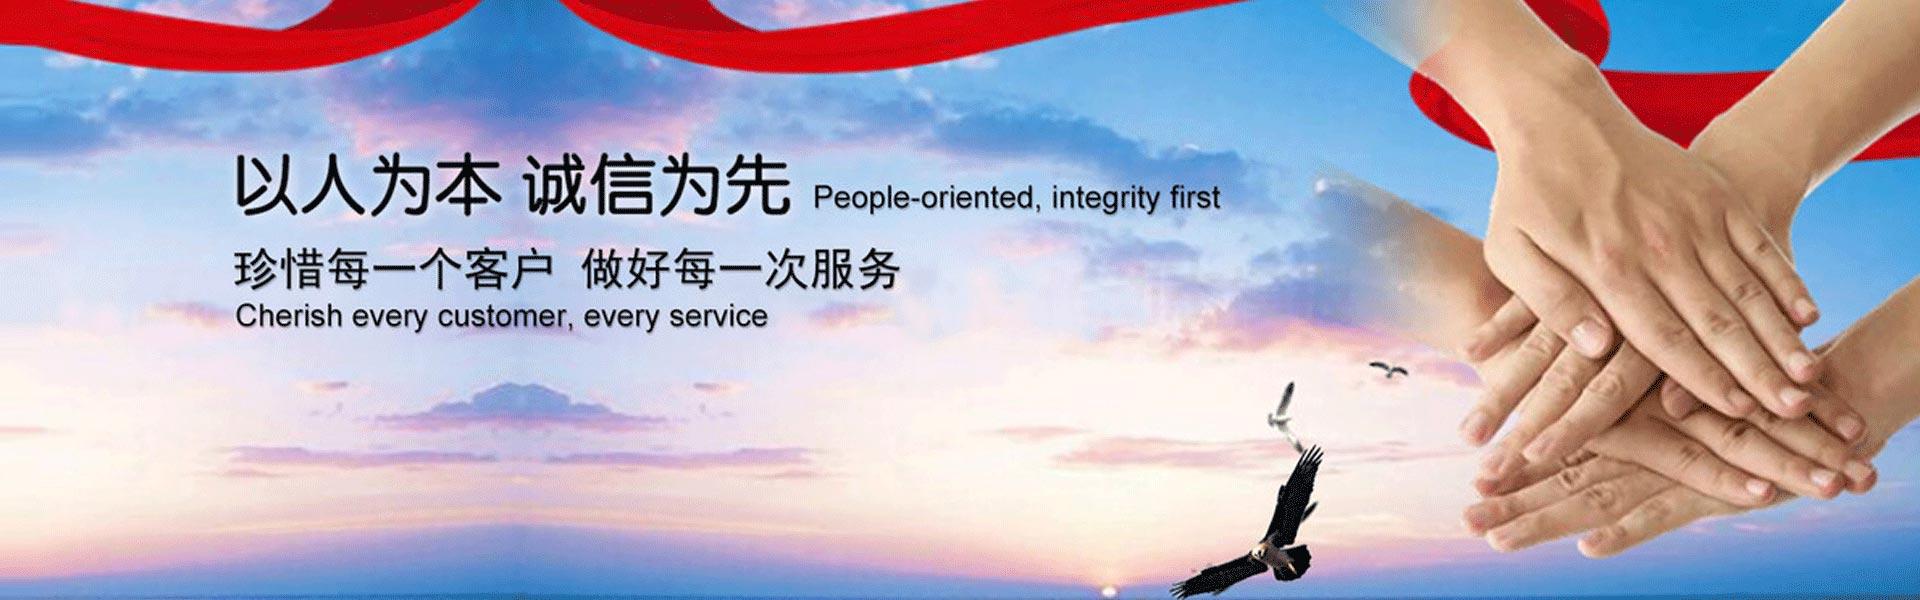 连云港雷竞技注册服务机构是连云港地区最专业的雷竞技注册平台,专注为个人和企业提供雷竞技注册、雷竞技申请、个体